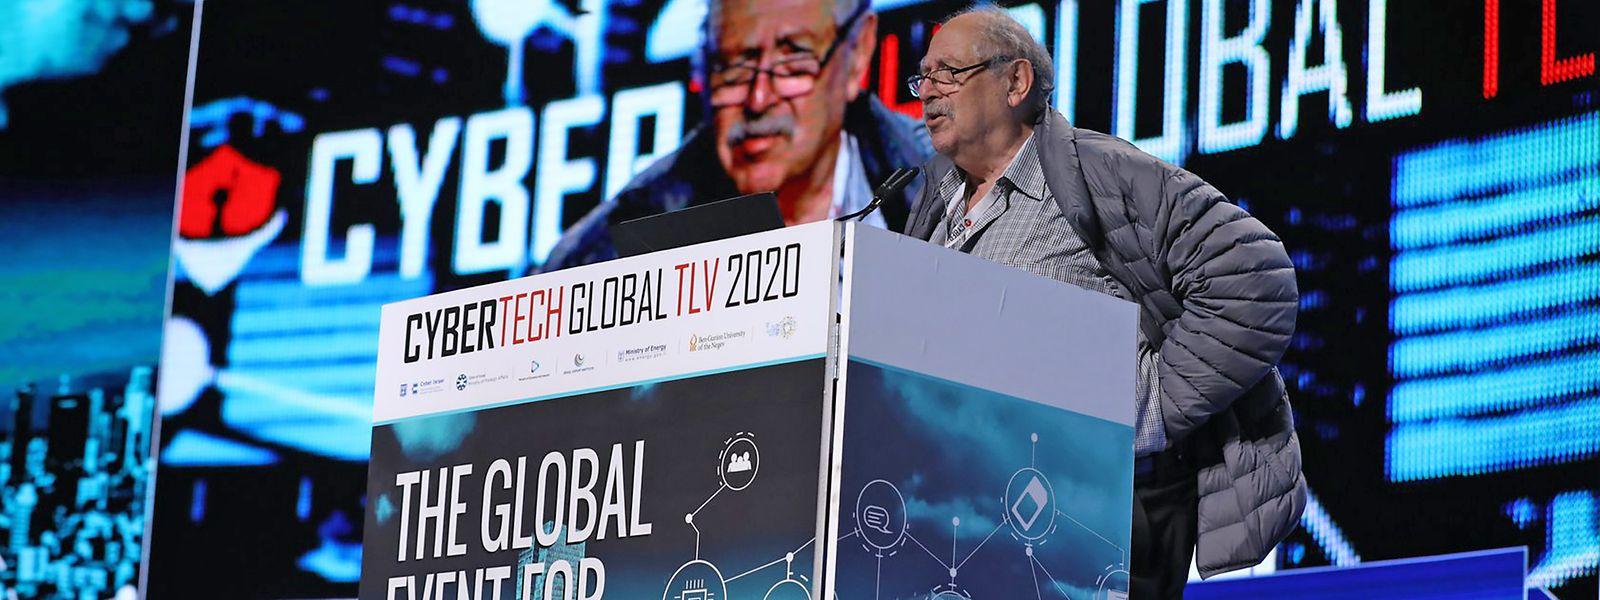 """Yossi Vardi, einer der einflussreichsten Investoren der israelischen Technologiebranche, moderiert die Diskussionen über IT-Sicherheit auf der Fachmesse """"Cybertech"""" in Tel Aviv."""